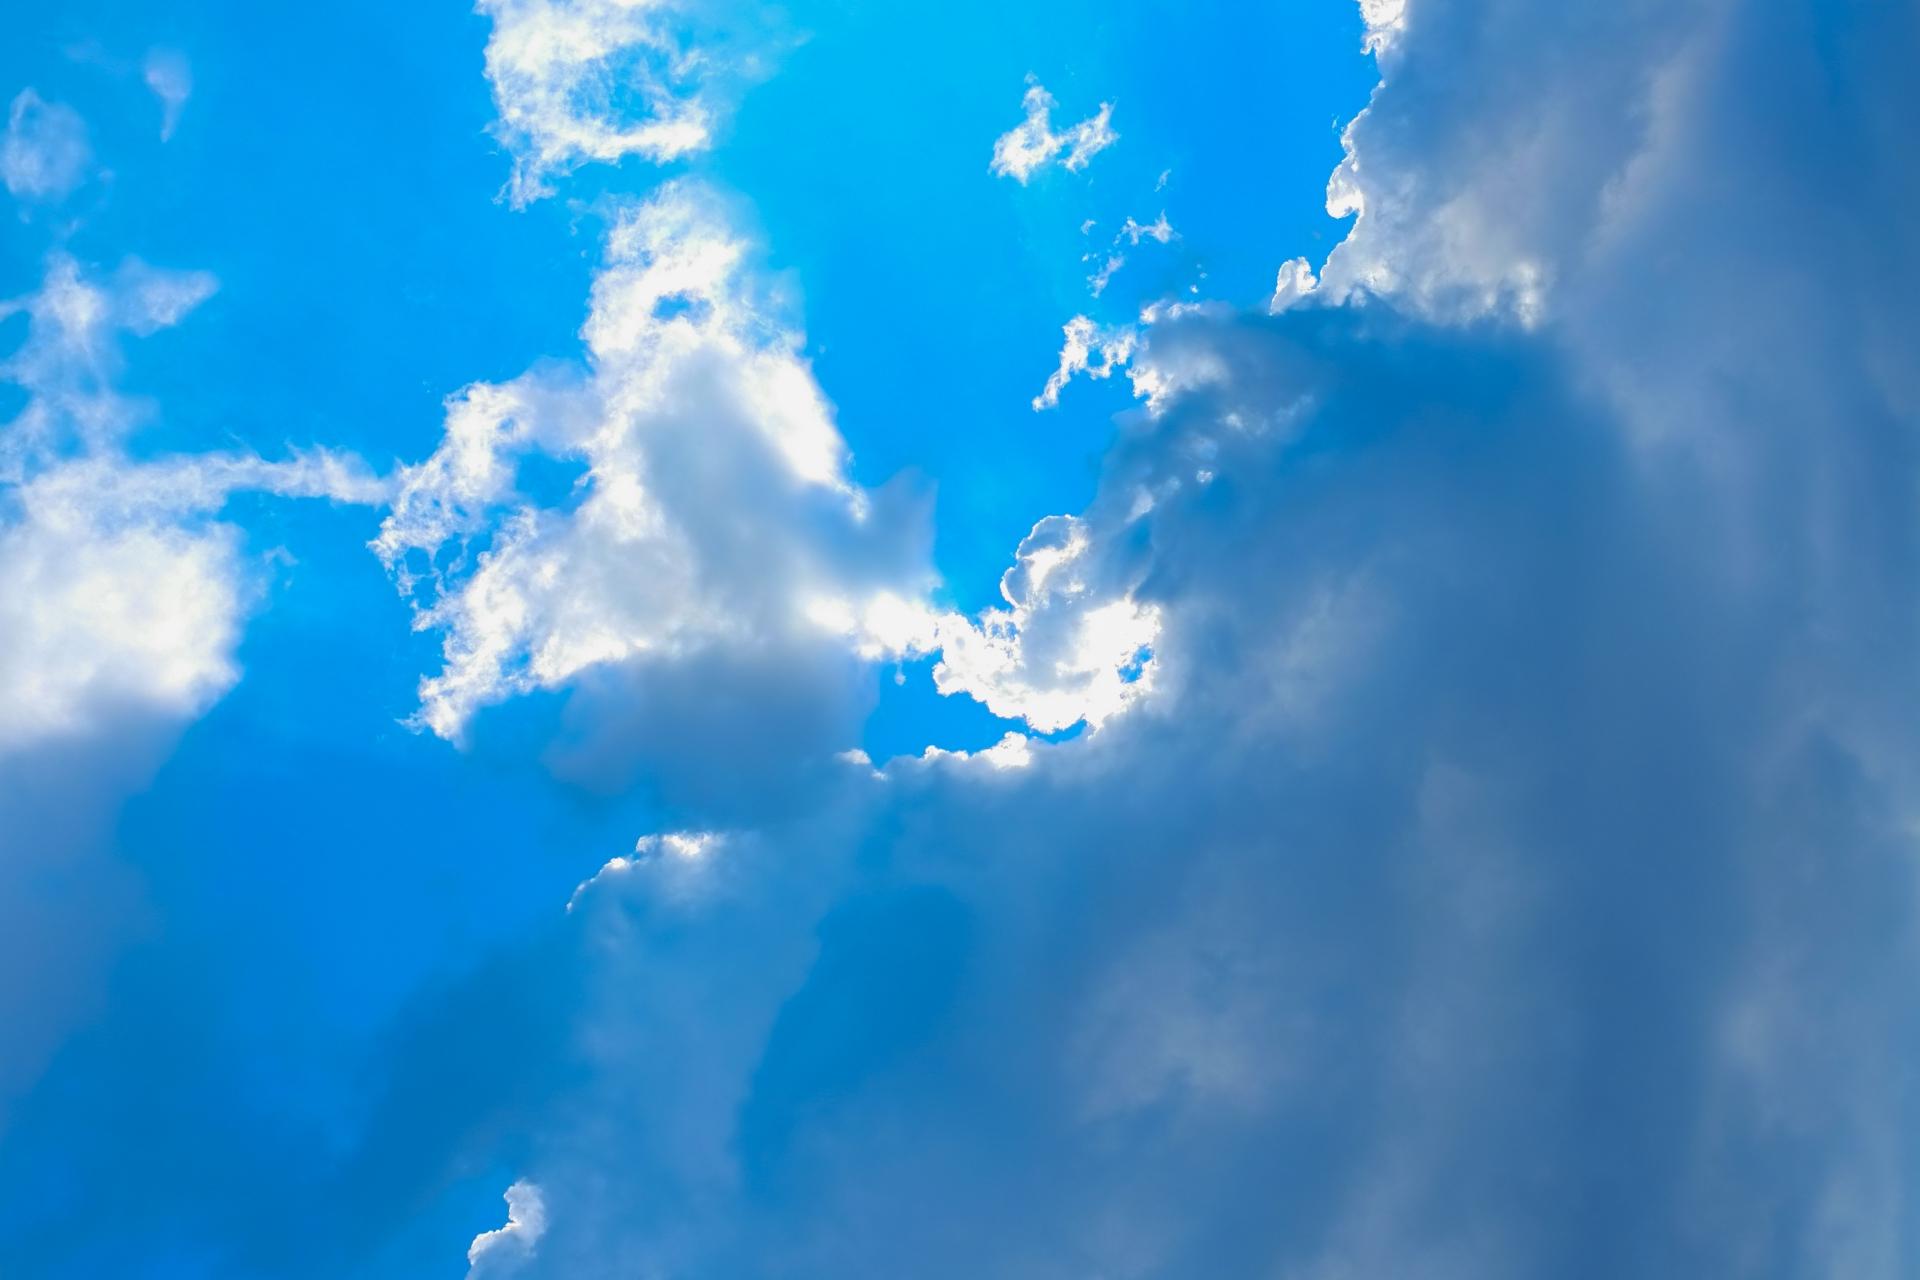 雲行きのあやしい空